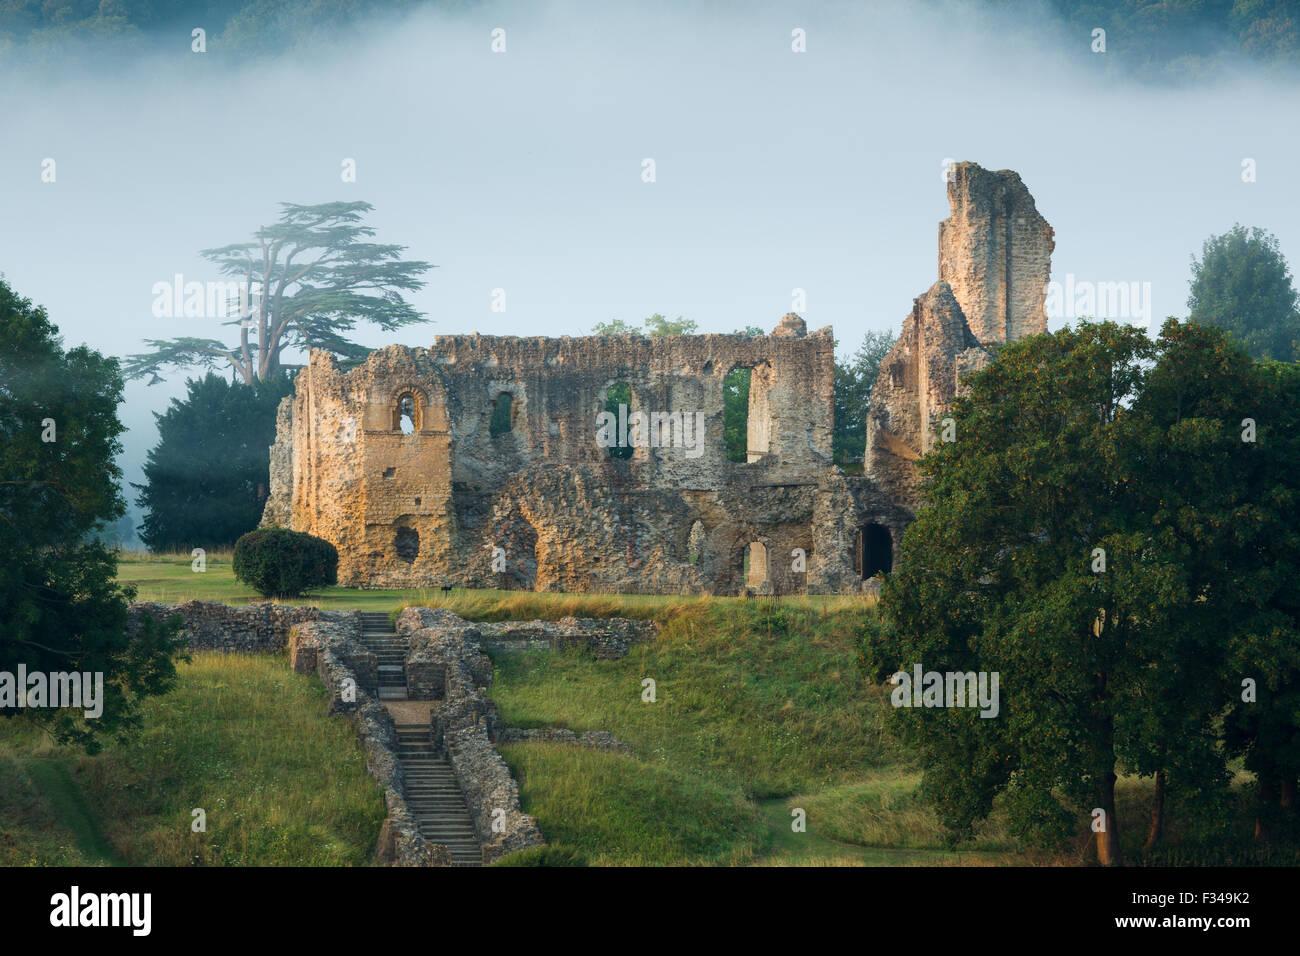 Old Sherborne Castle, Sherborne, Dorset, England, Regno Unito Immagini Stock